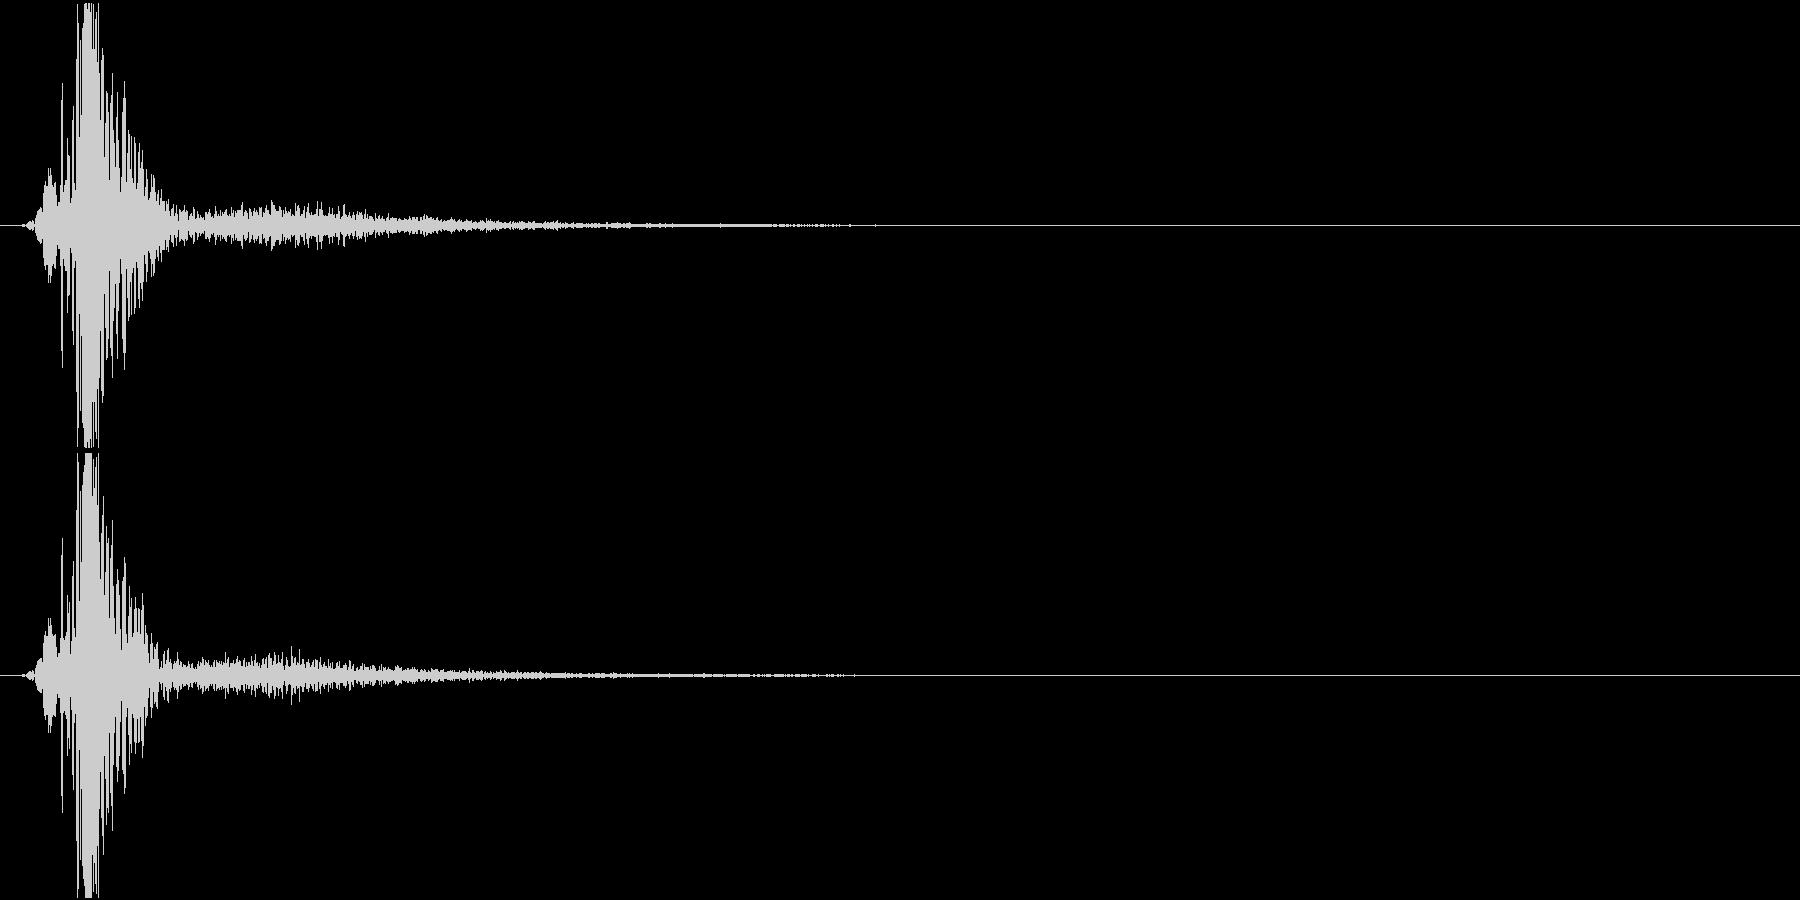 KAKUGE 格闘ゲーム戦闘音 45の未再生の波形